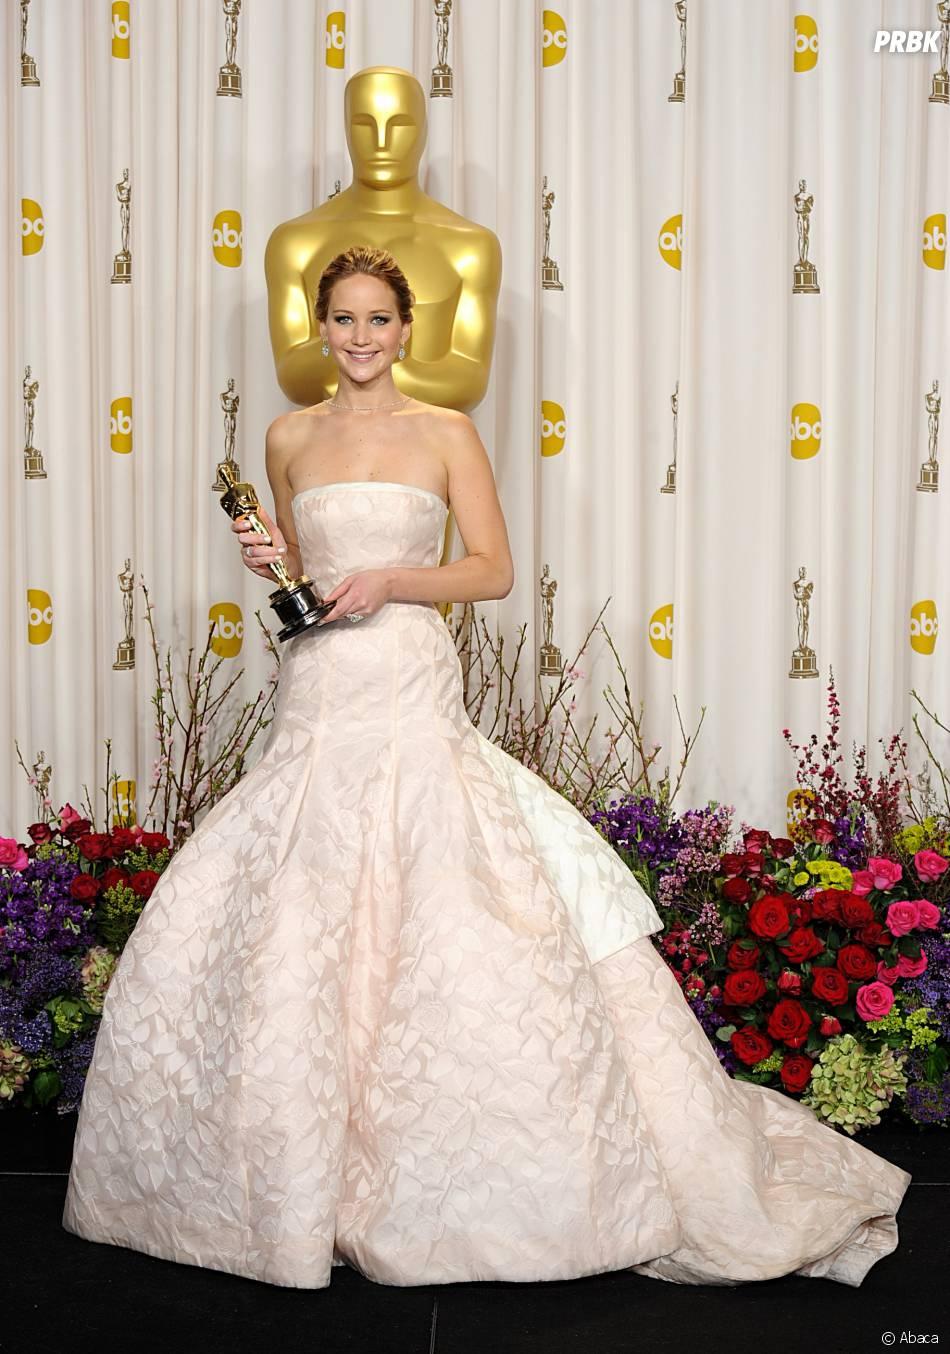 Jennifer Lawrence parmi les filles les plus sexy de 2013 selon GQ